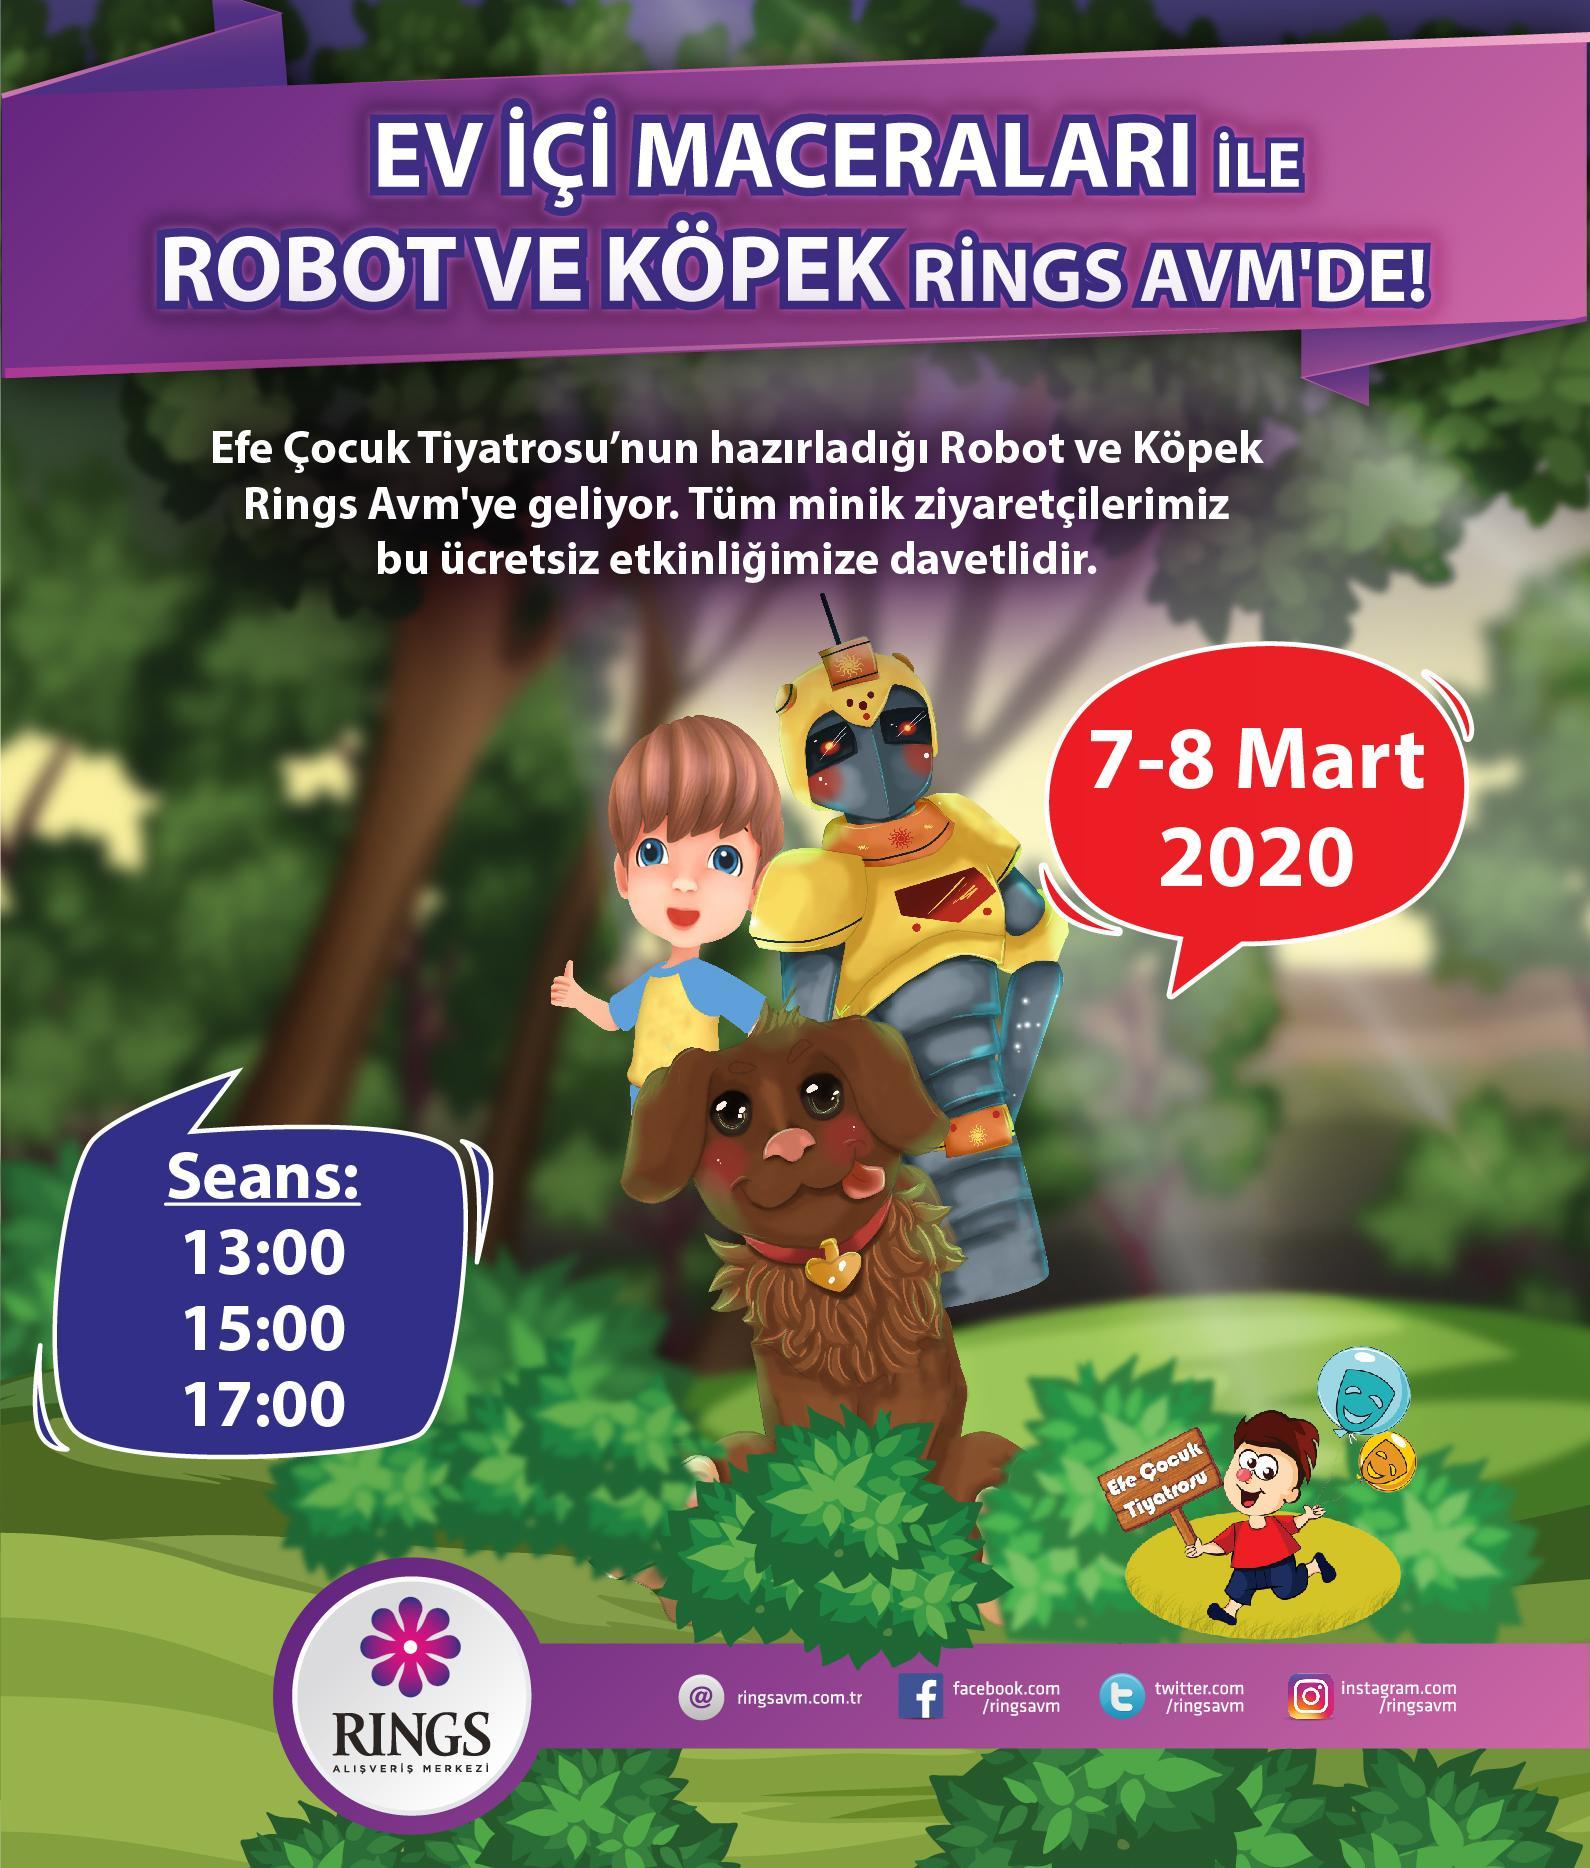 Robot ile Köpek Rings AVM'ye geliyor